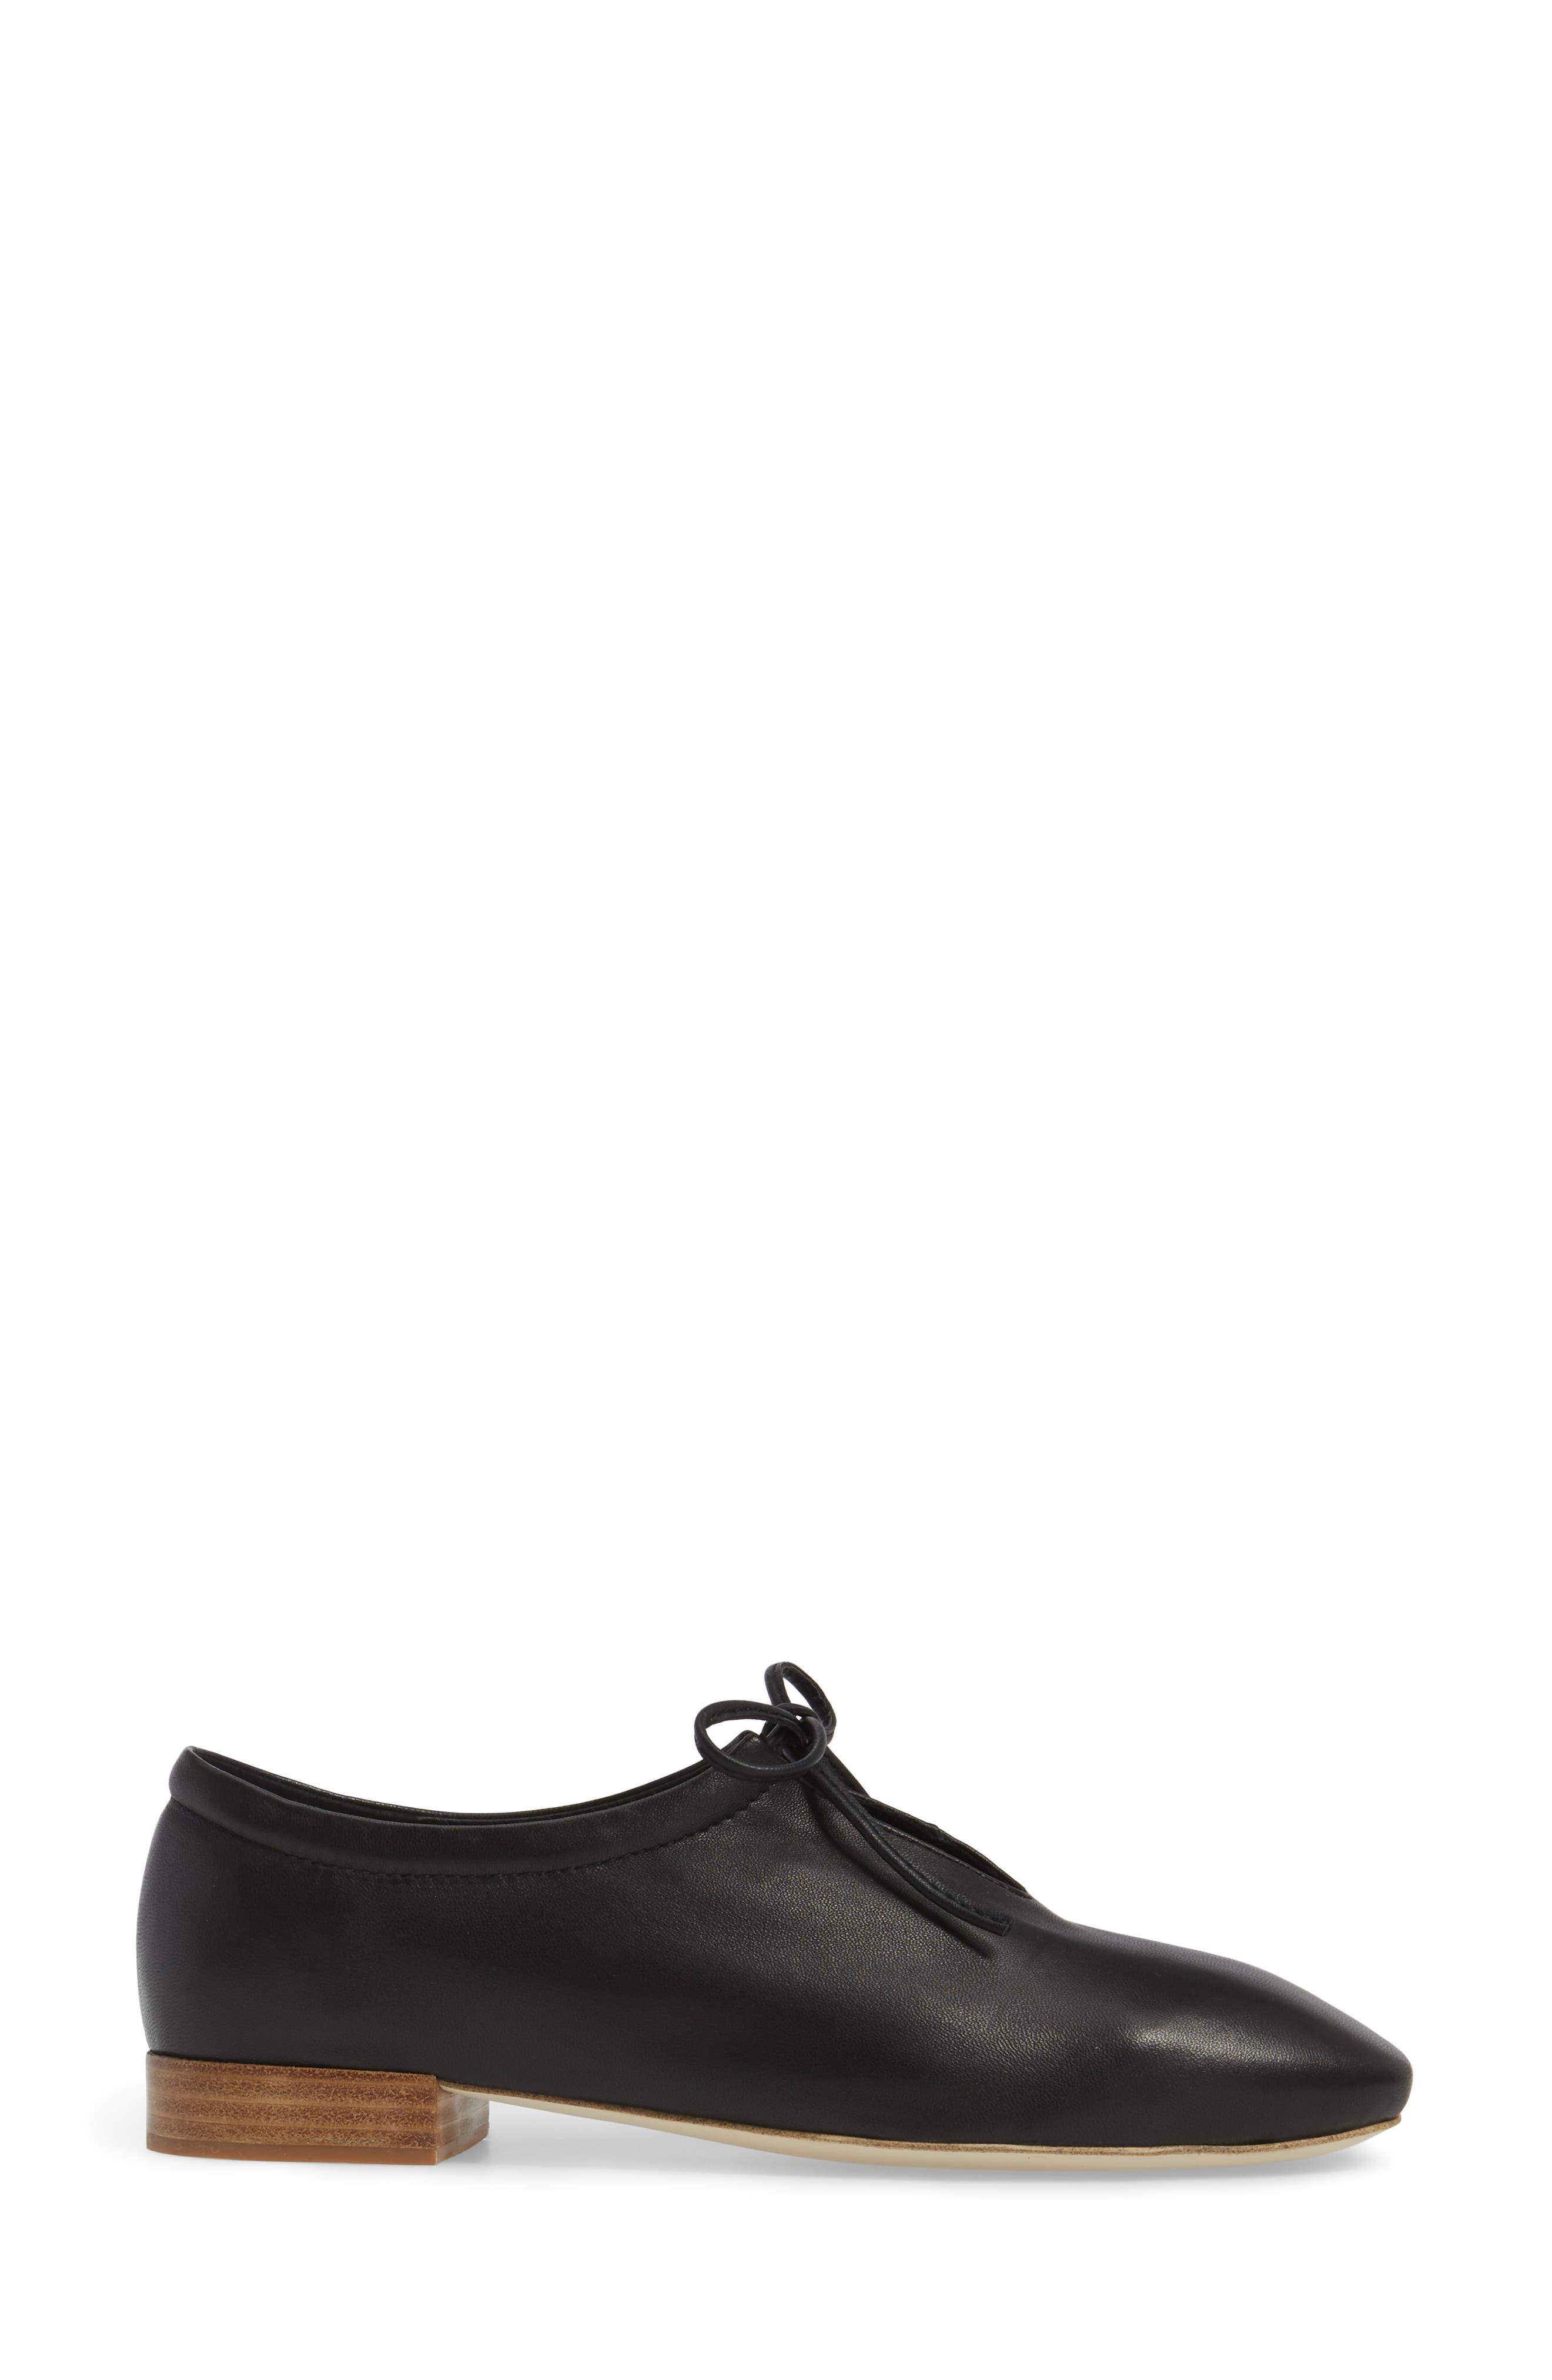 Prieto V-Cut Flat,                             Alternate thumbnail 3, color,                             Black Leather